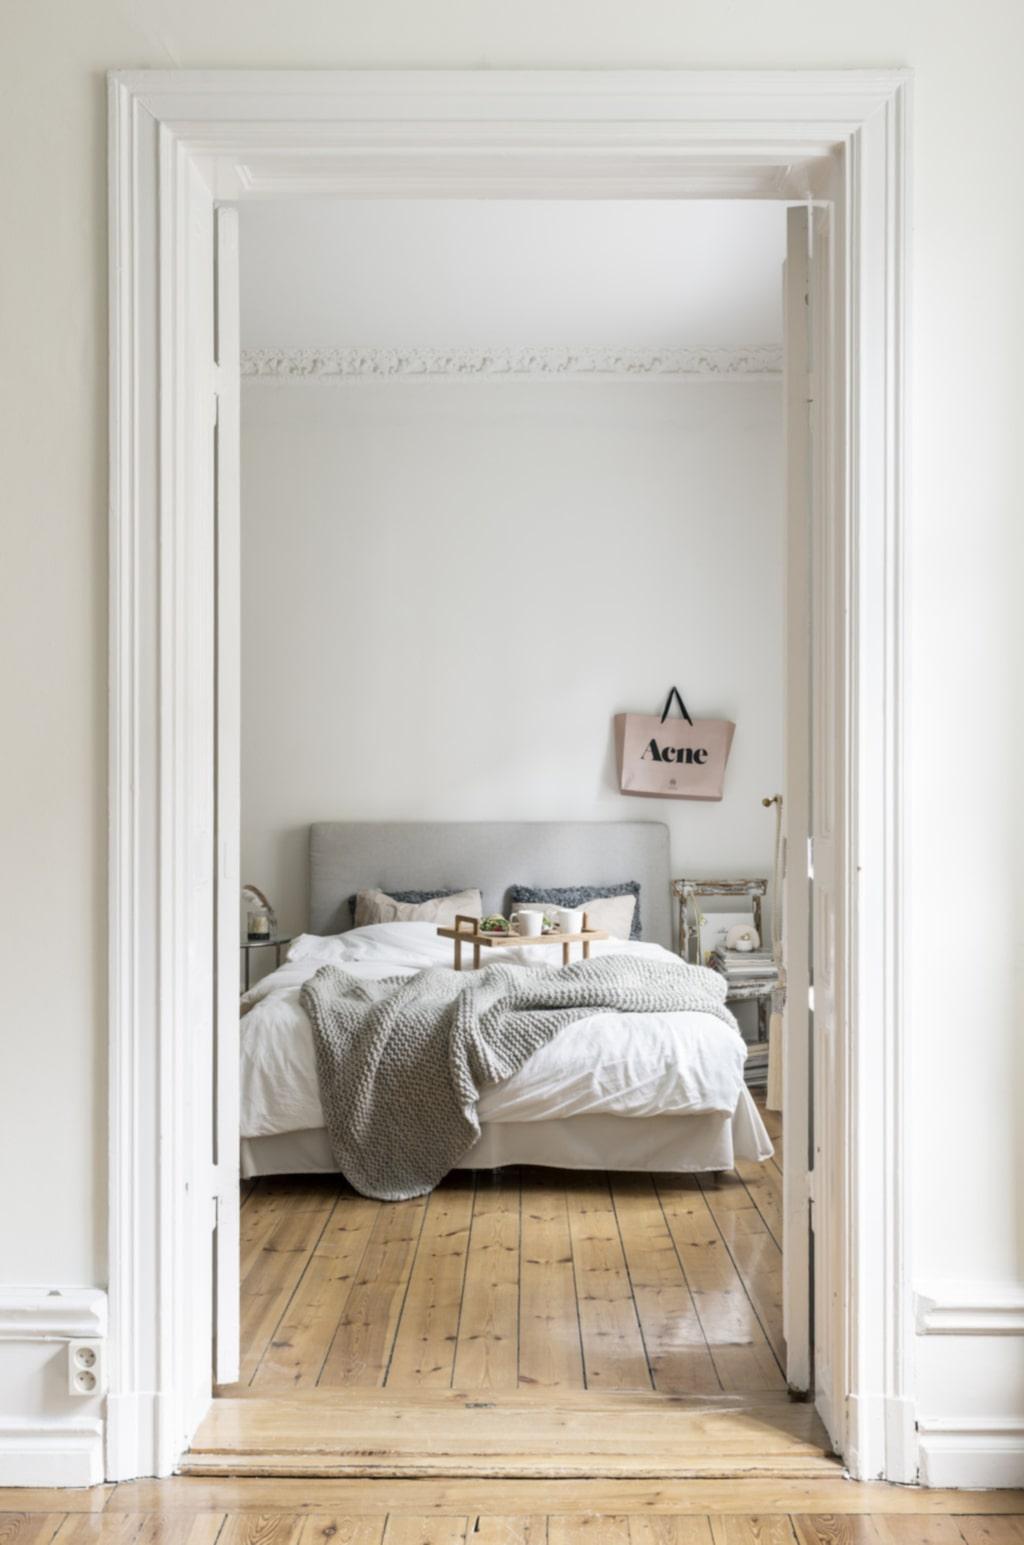 Ljusa toner. Sovrum och vardagsrum ligger i fil med pardörrar som binder ihop rummen. Grovstickad ullpläd från By Pias. Sängbricka och porslin från Gant, Vålamagasinet. Fårskinnskuddar från Shepherd.